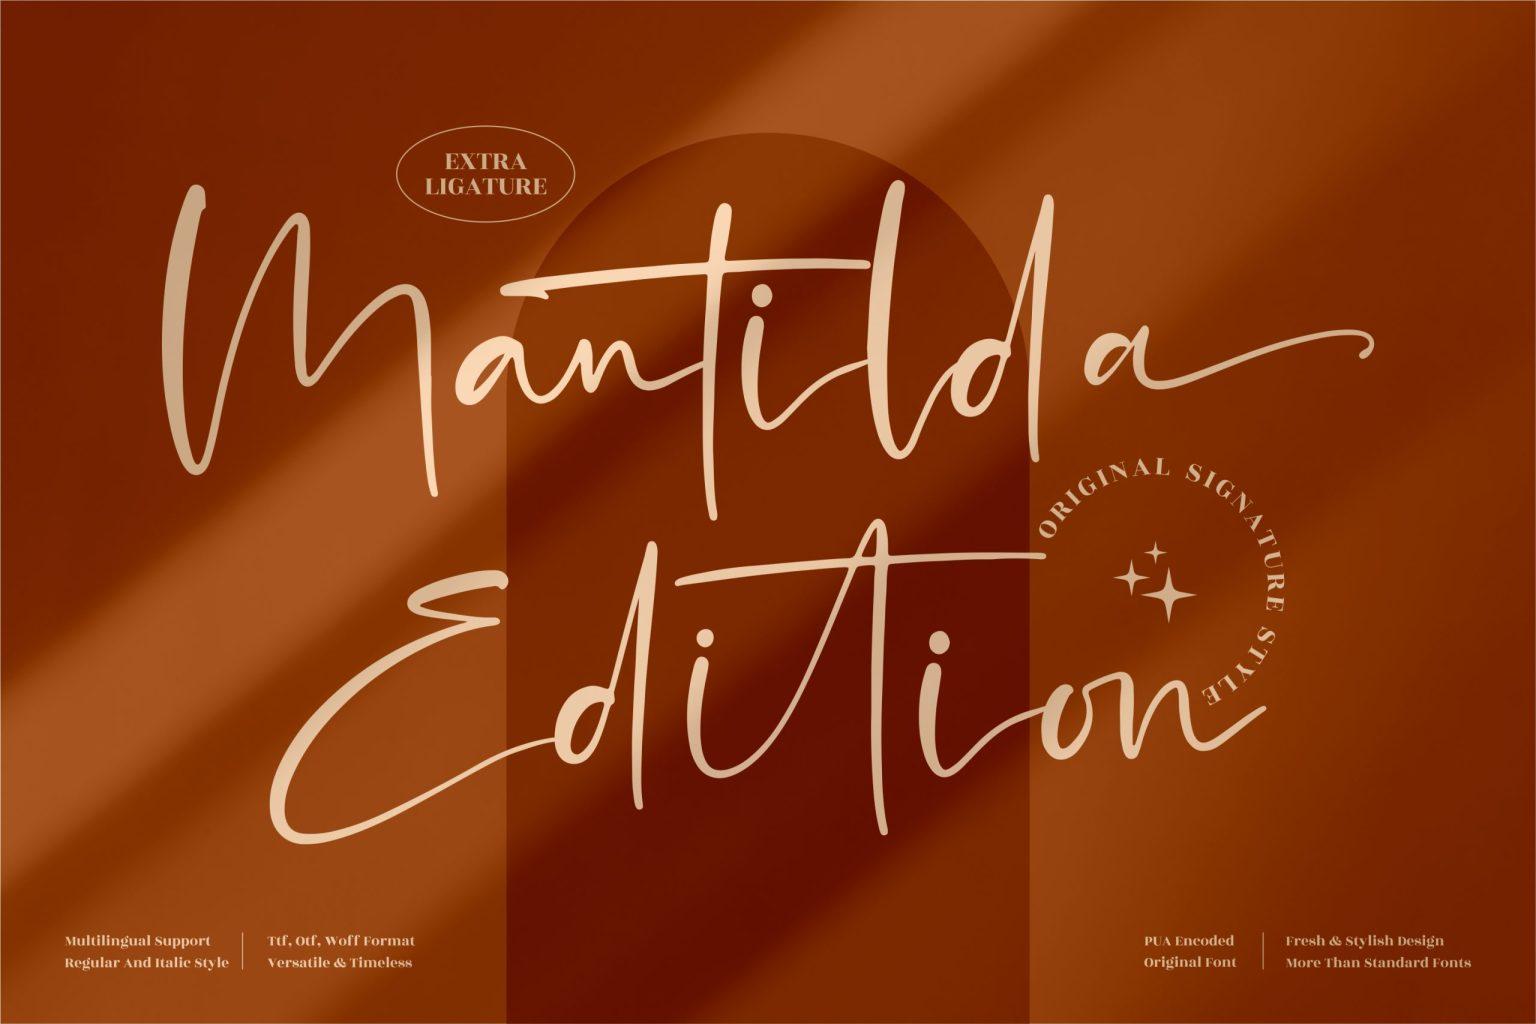 Mantilda Edition Script Font